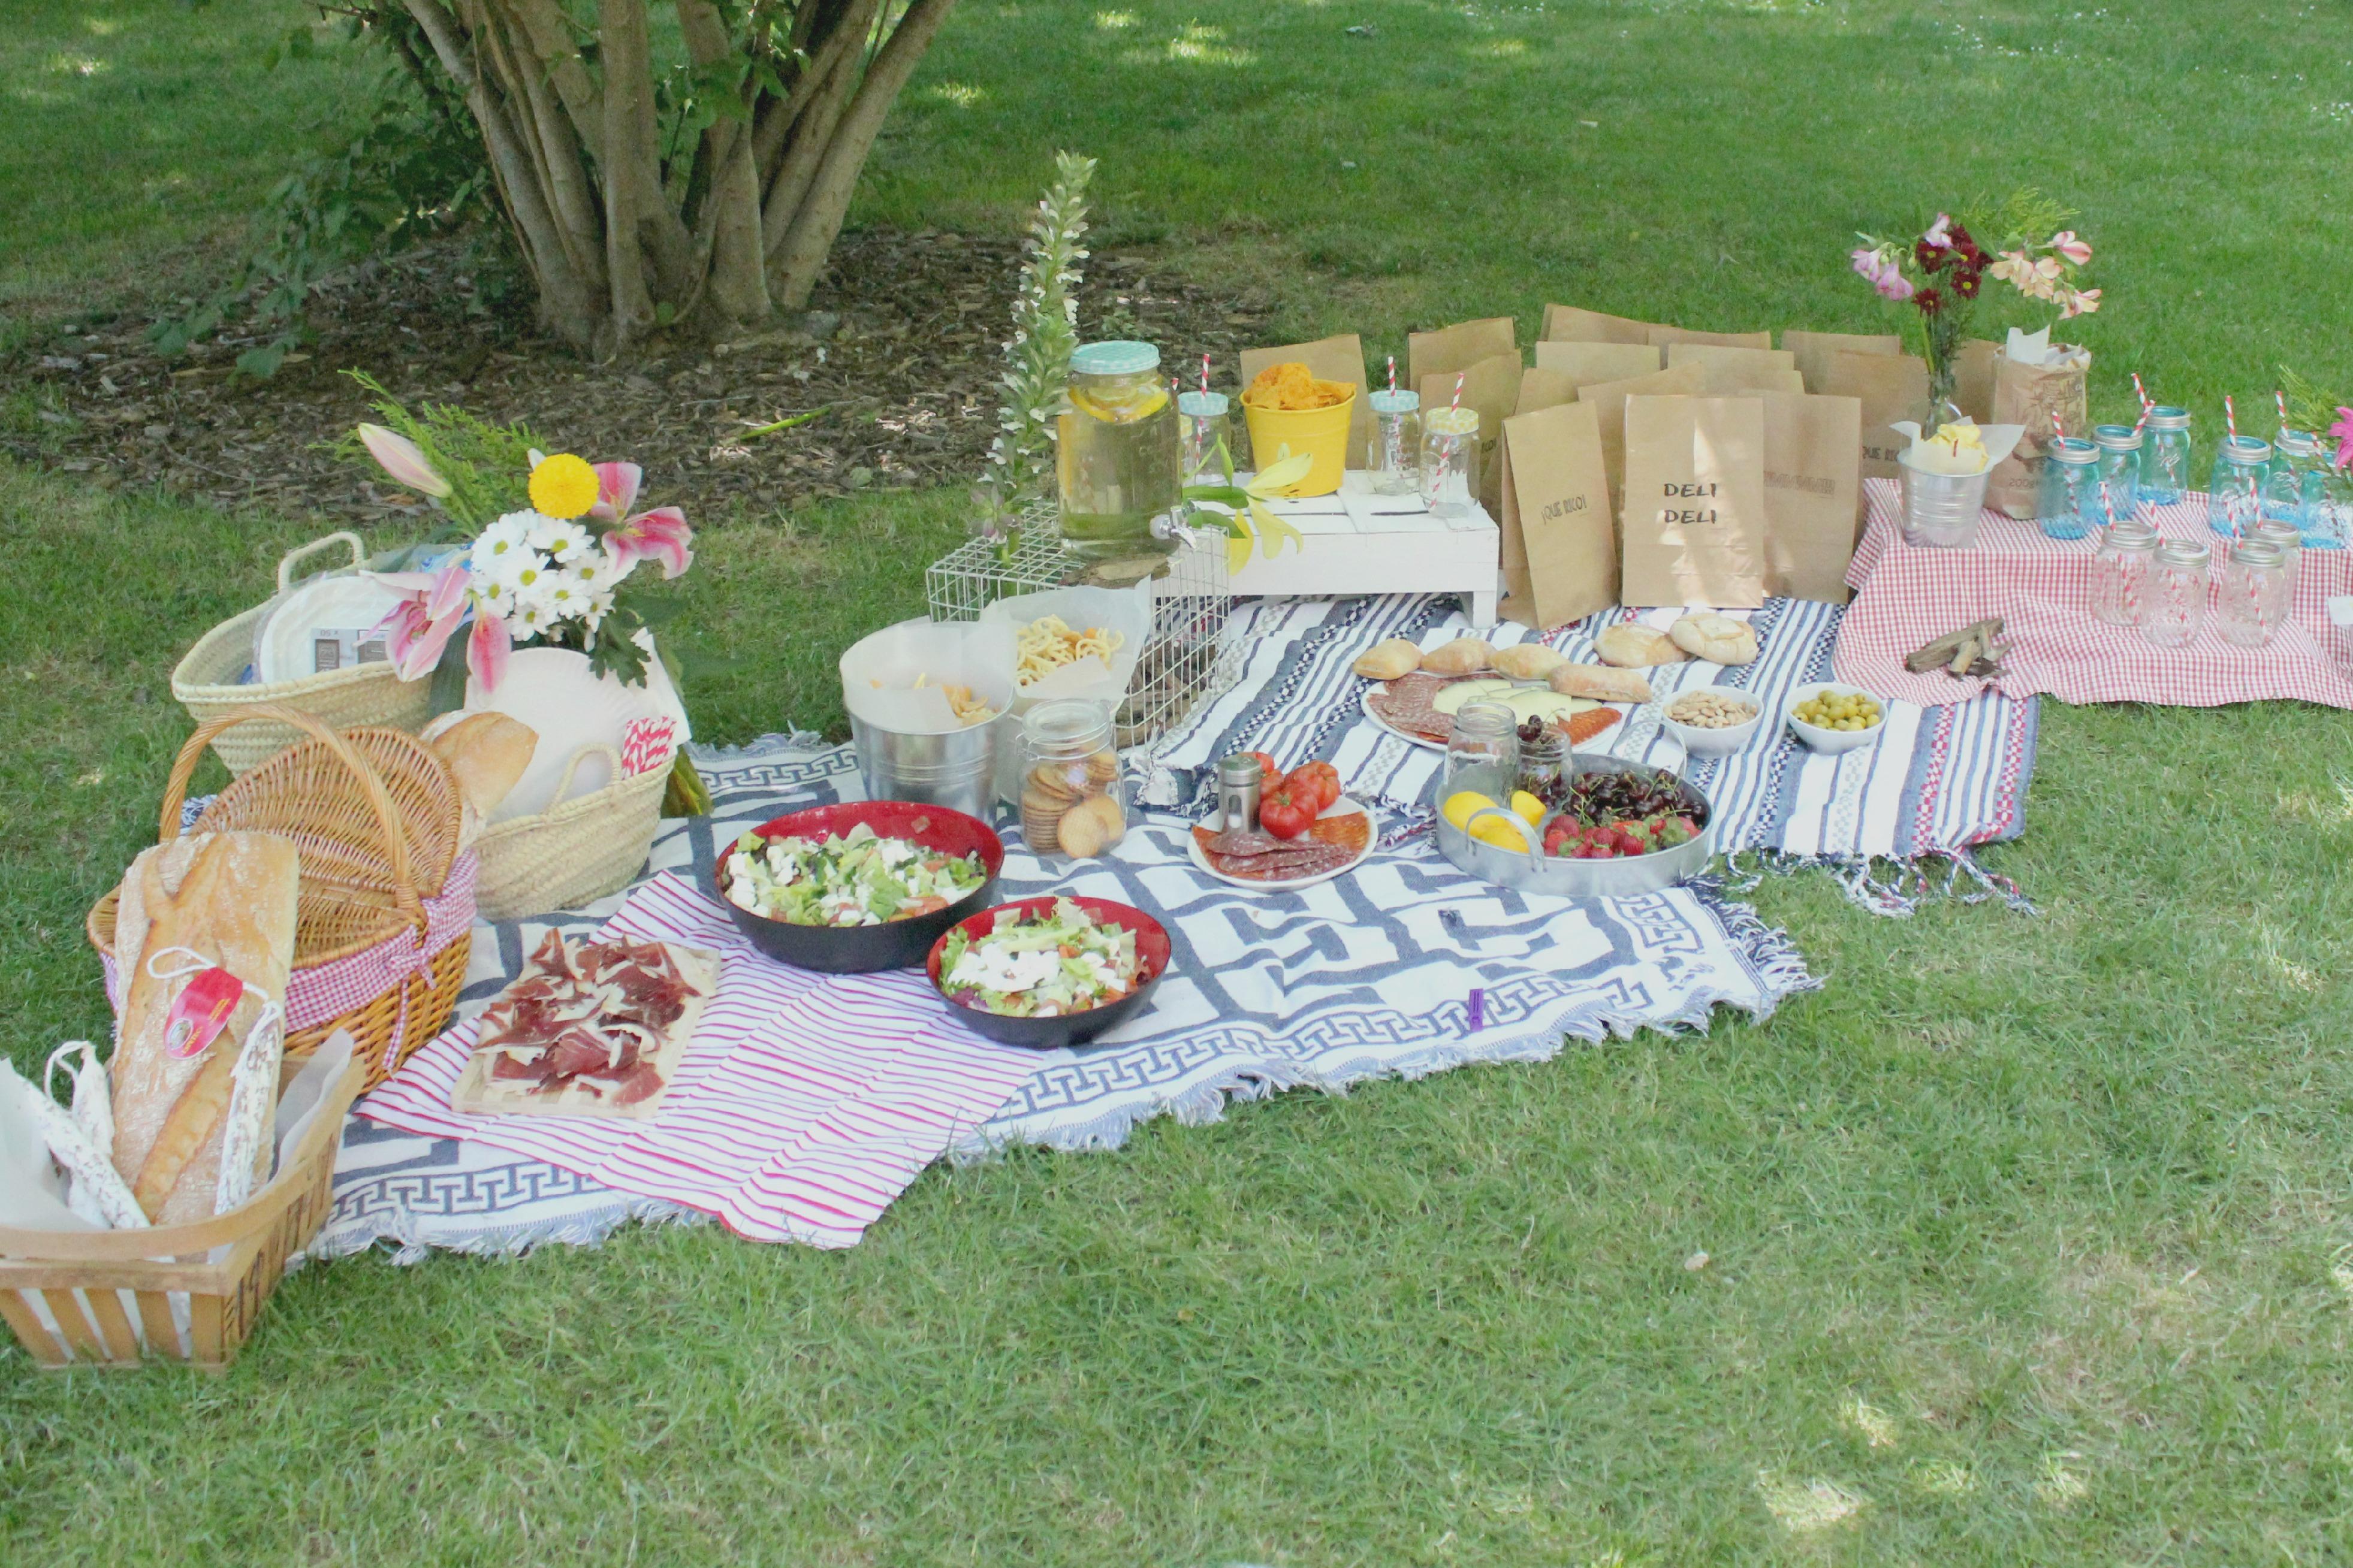 Un picnic de cumplea os pepita pancracia - Un jardin para mi ...